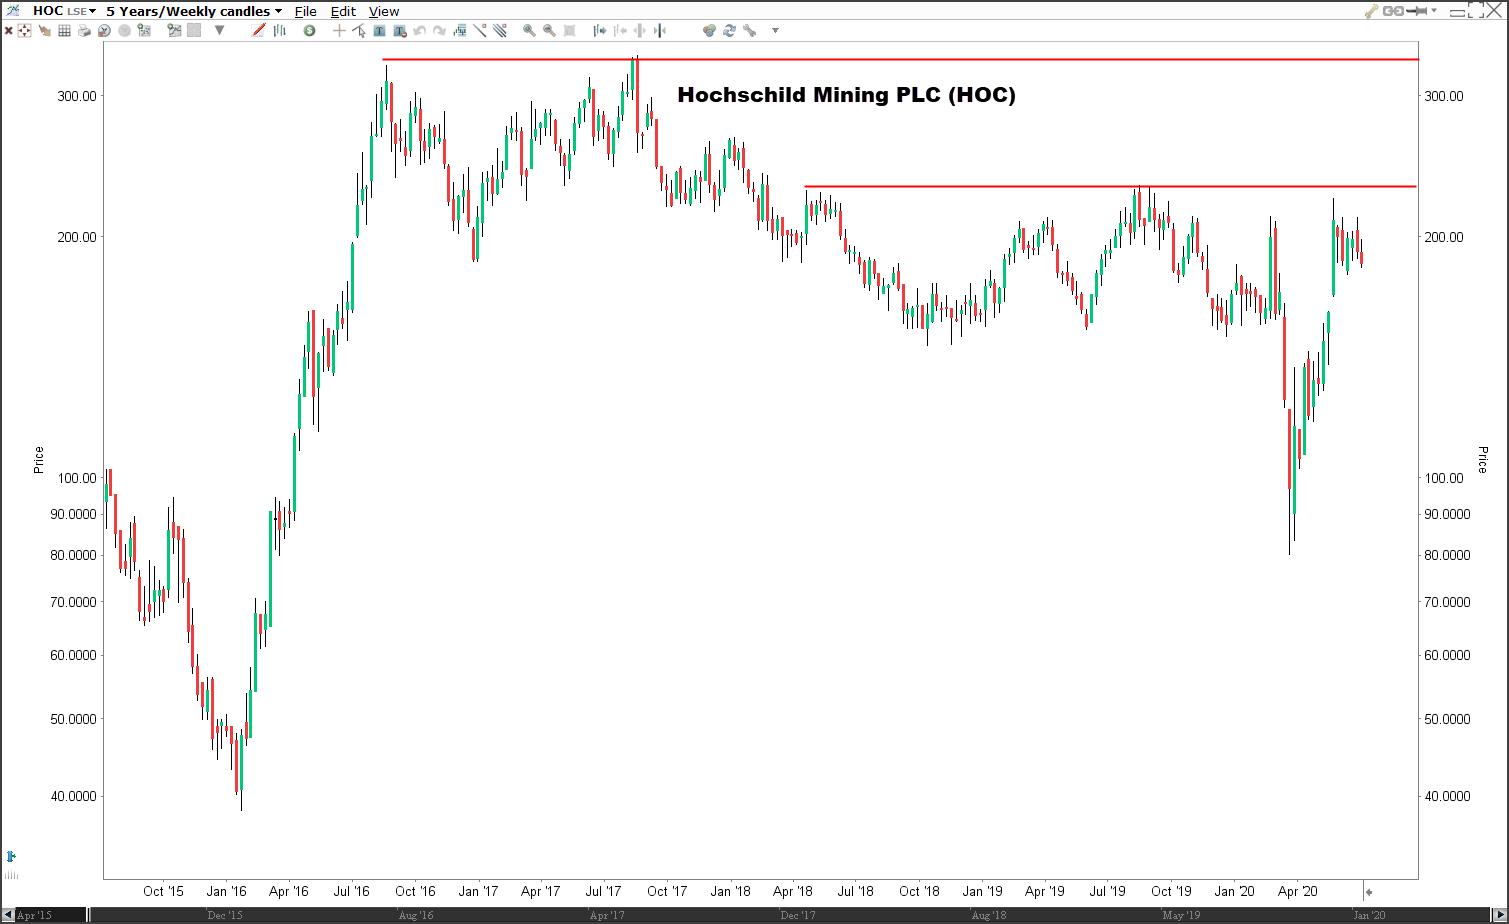 Beste zilvermijn aandelen: aandeel Hochschild Mining PLC (HOC)